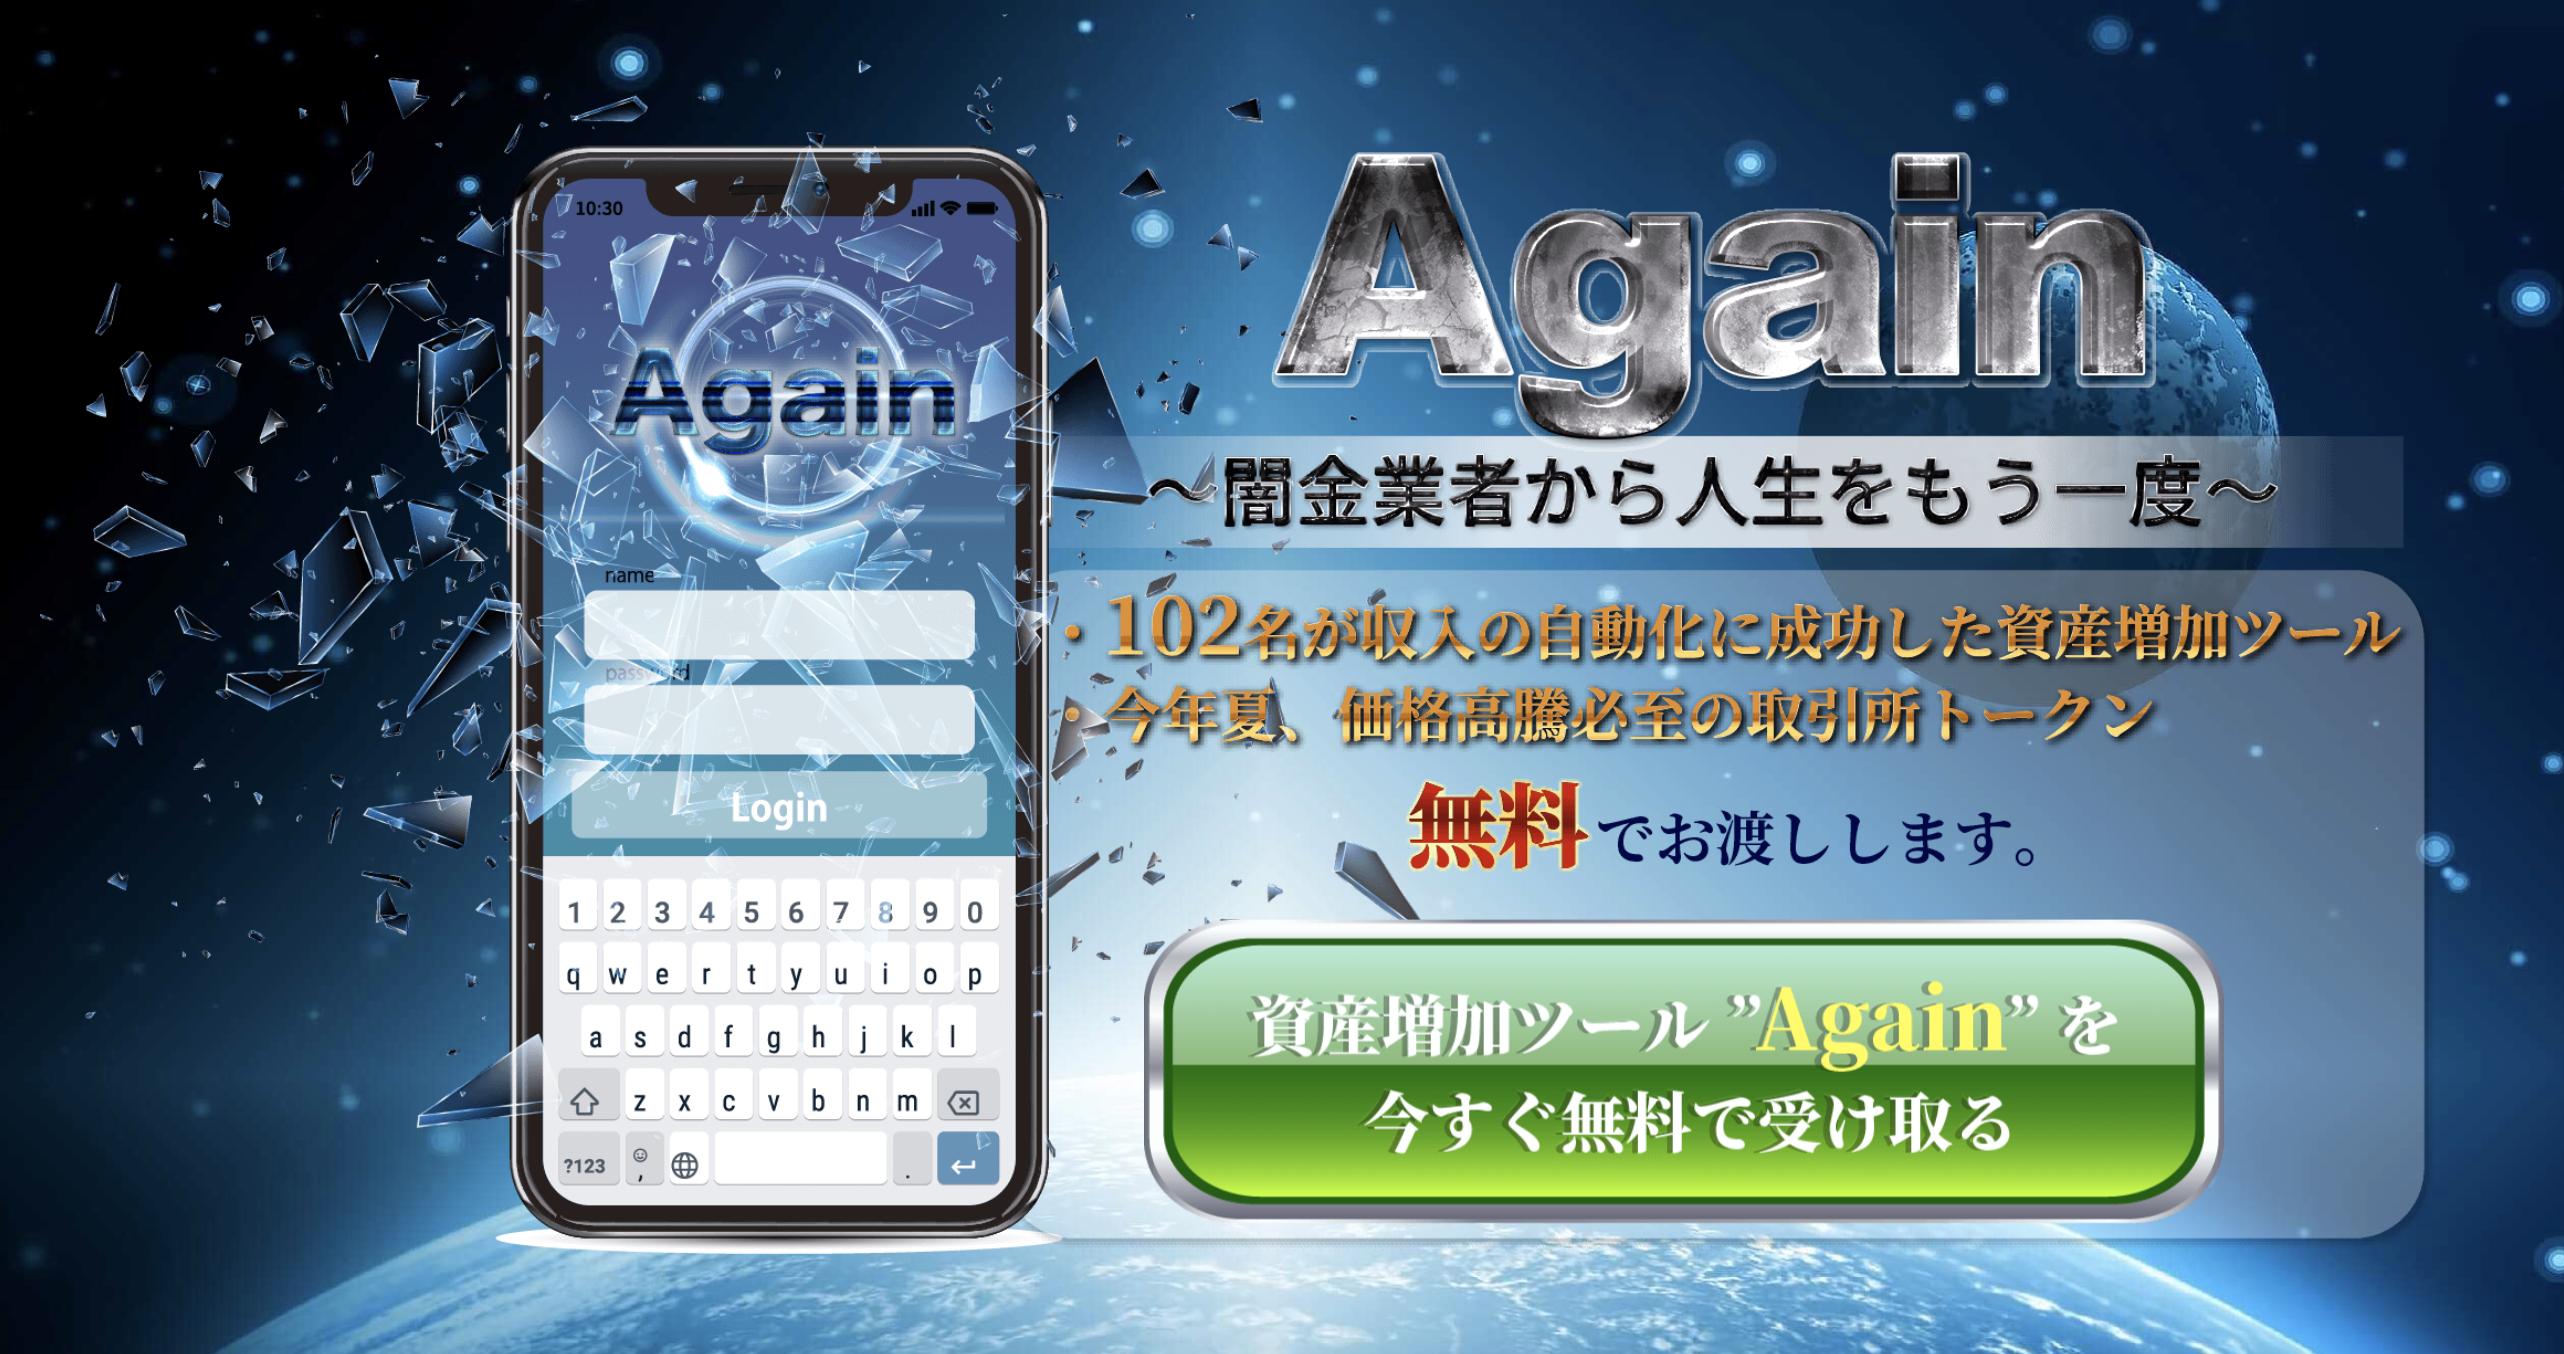 藤田守のAgain(アゲイン)タイトル